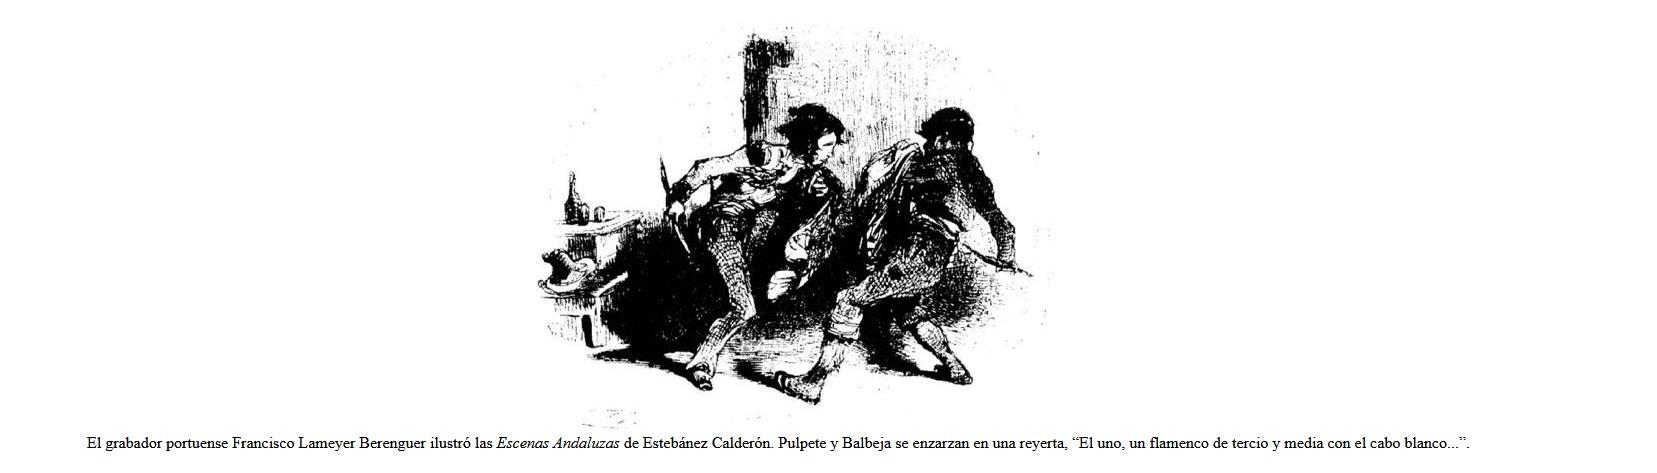 Cuchillo flamenco gitano siglo XIX